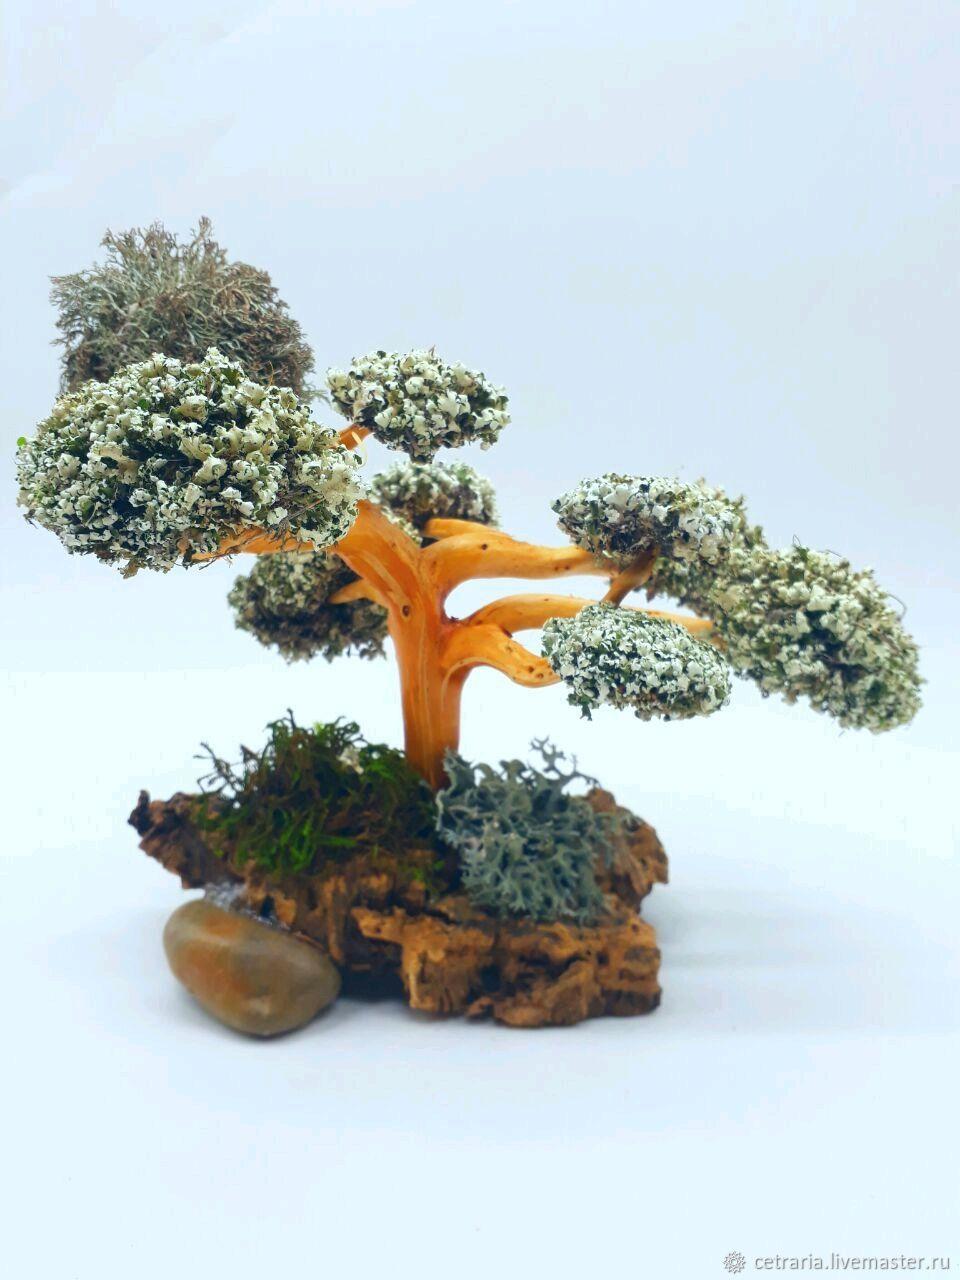 Персональный подарок - живое Дерево из цетрарии, Подарки, Москва, Фото №1